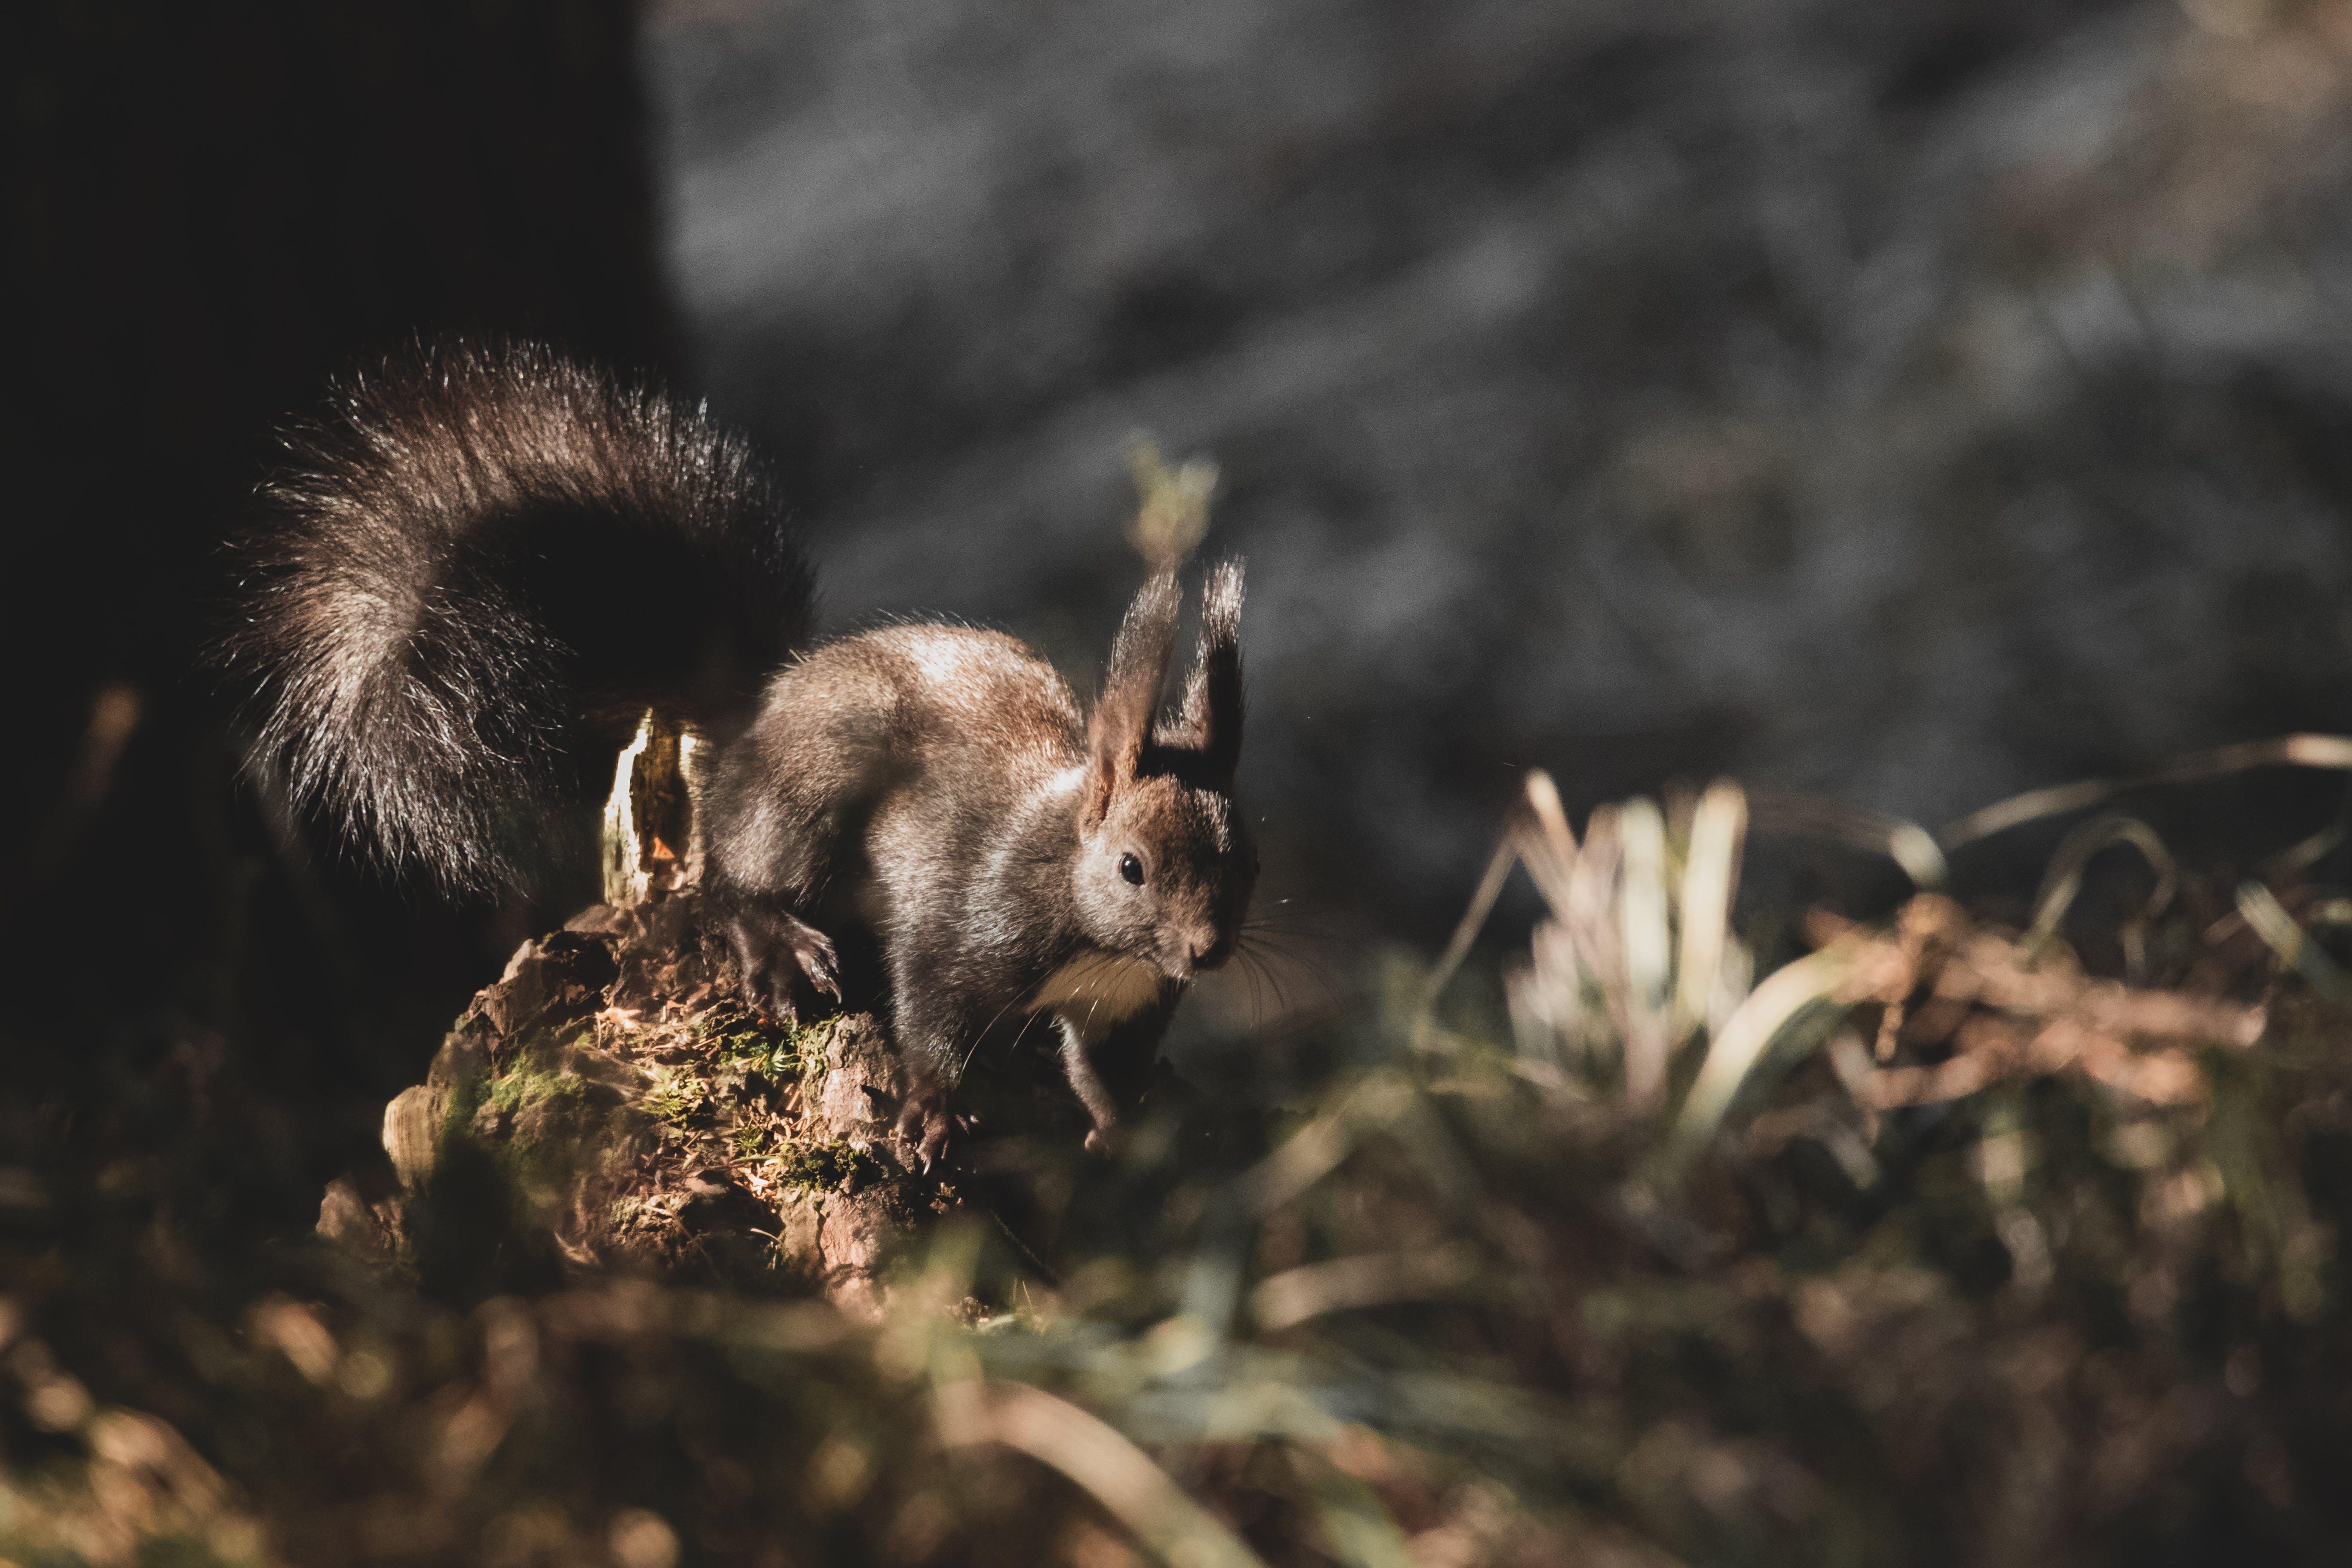 Kostenloses Stock Foto zu eichhörnchen, klein, nagetier, niedlich